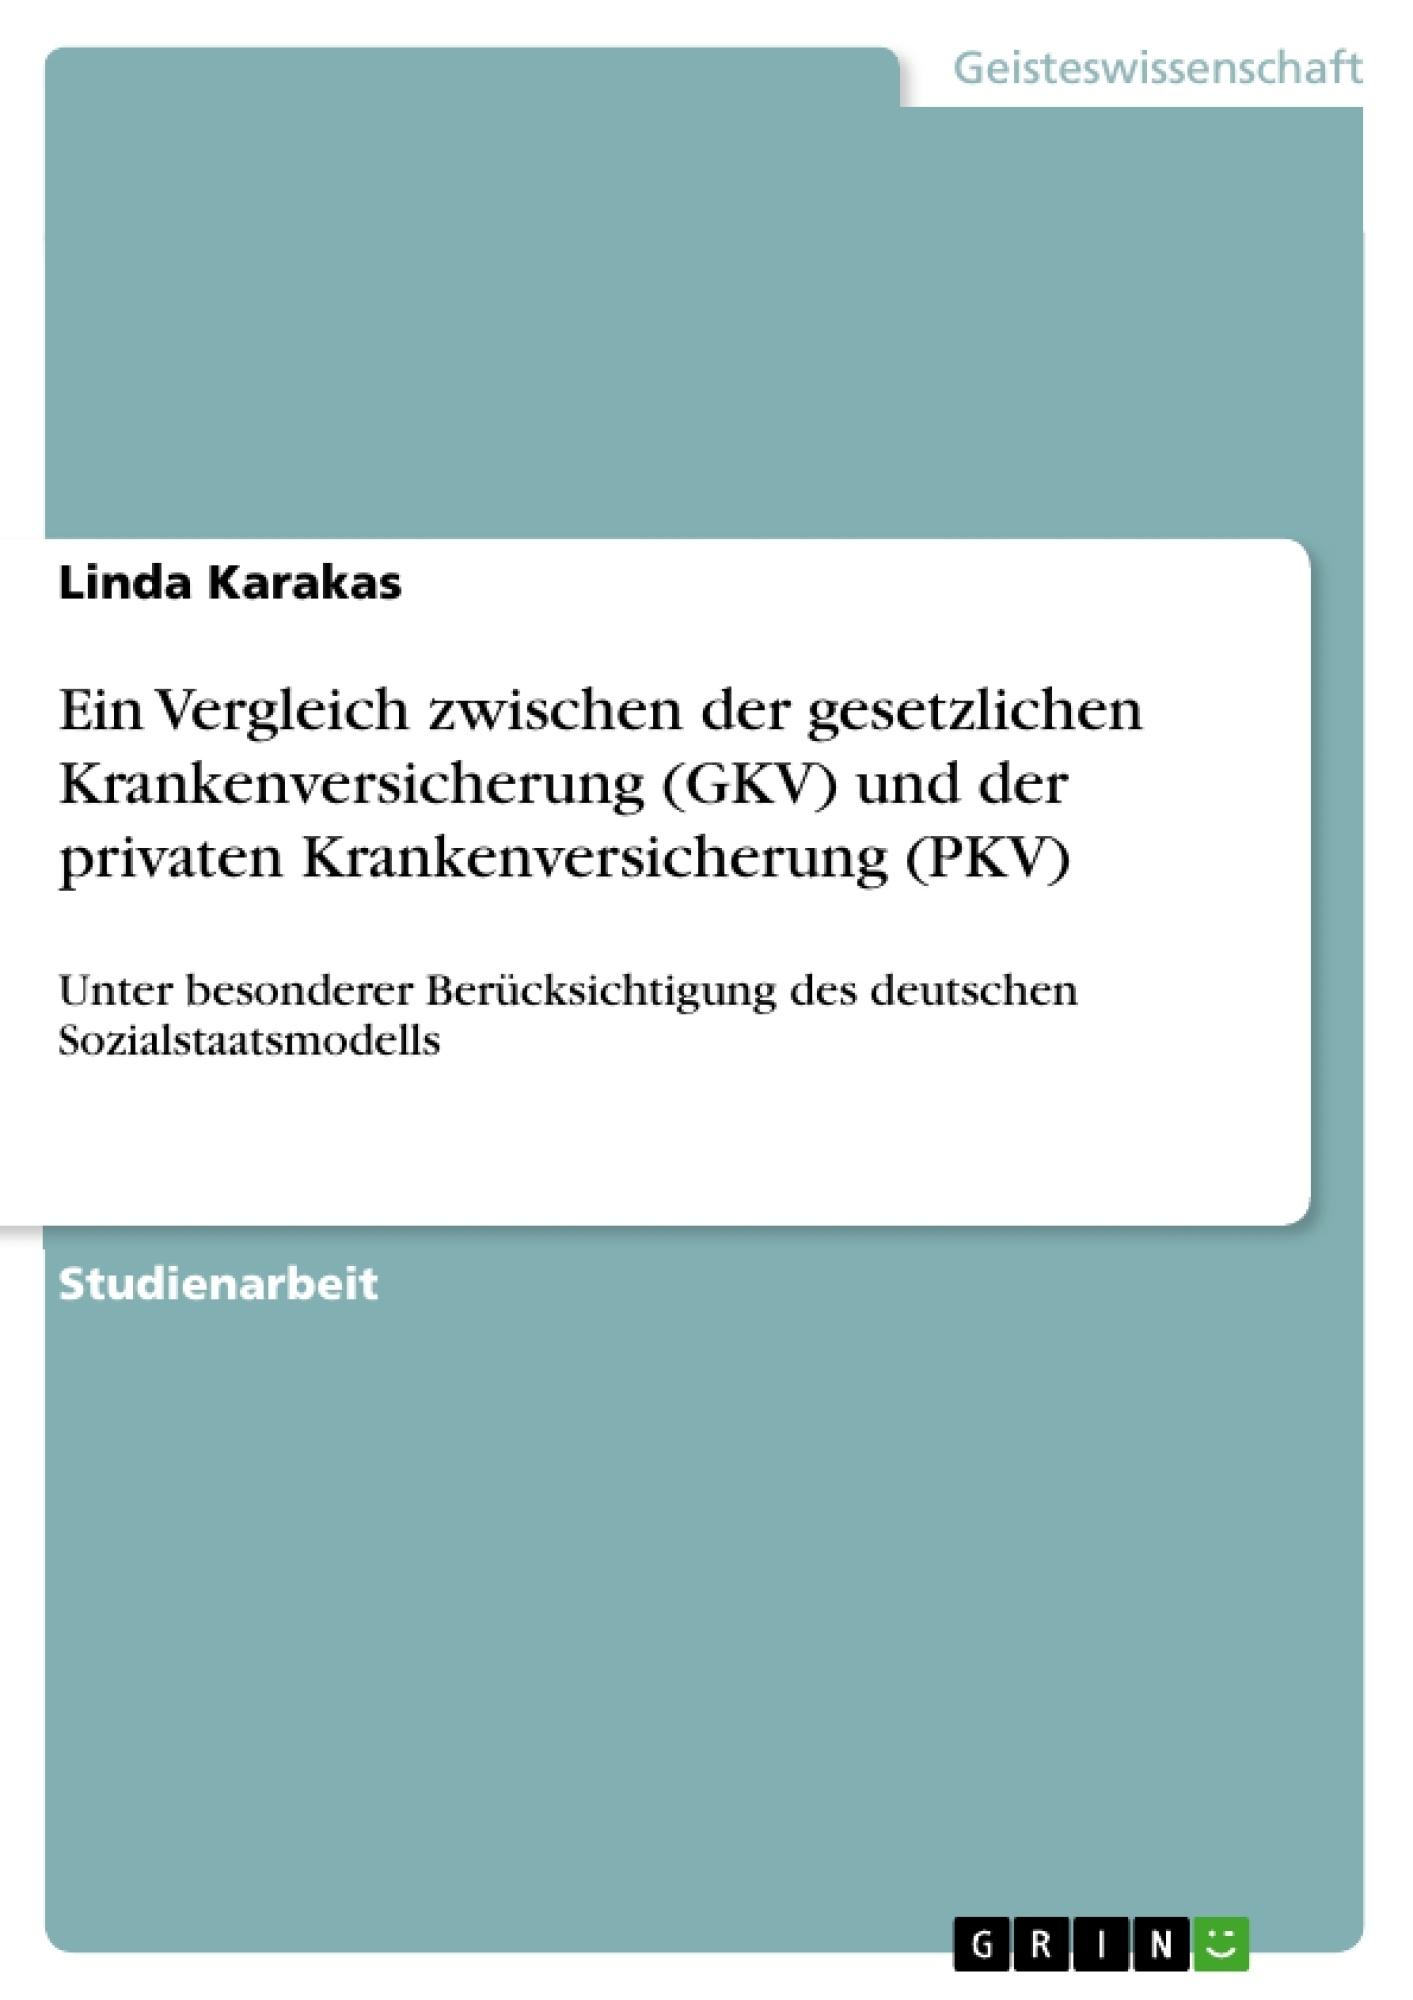 Titel: Ein Vergleich zwischen der gesetzlichen Krankenversicherung (GKV) und der privaten Krankenversicherung (PKV)